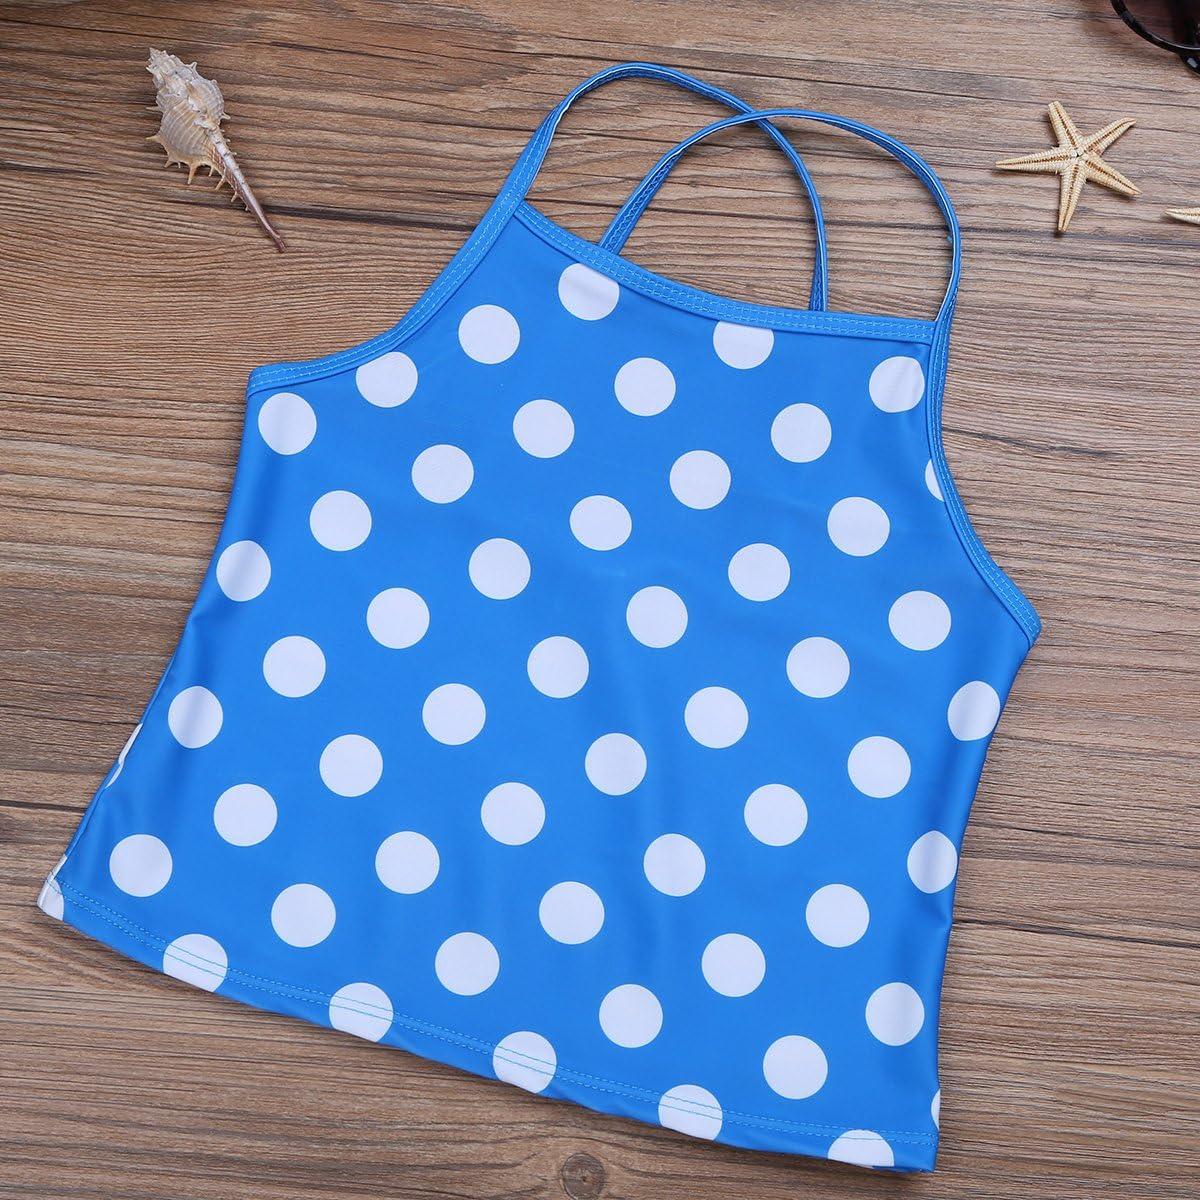 Agoky Big Girls Two Pieces Polka Dots Swimsuits Spaghetti Straps Beachball Tankini Set